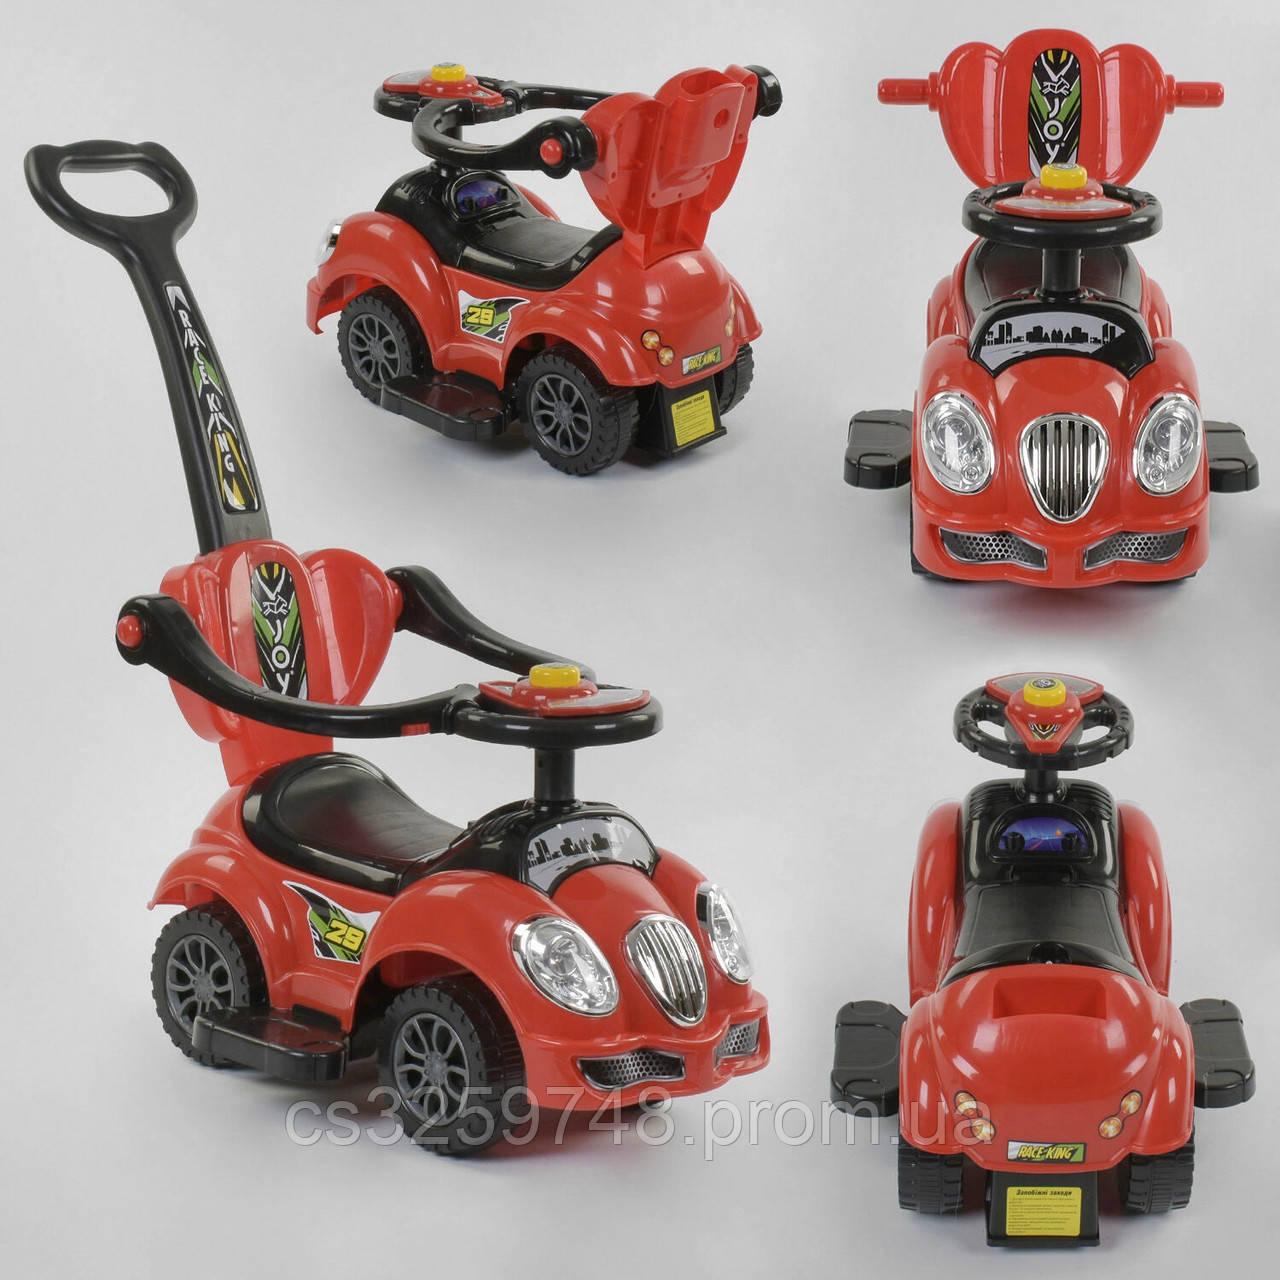 Машинка-толокар JOY 09-506 R Красный